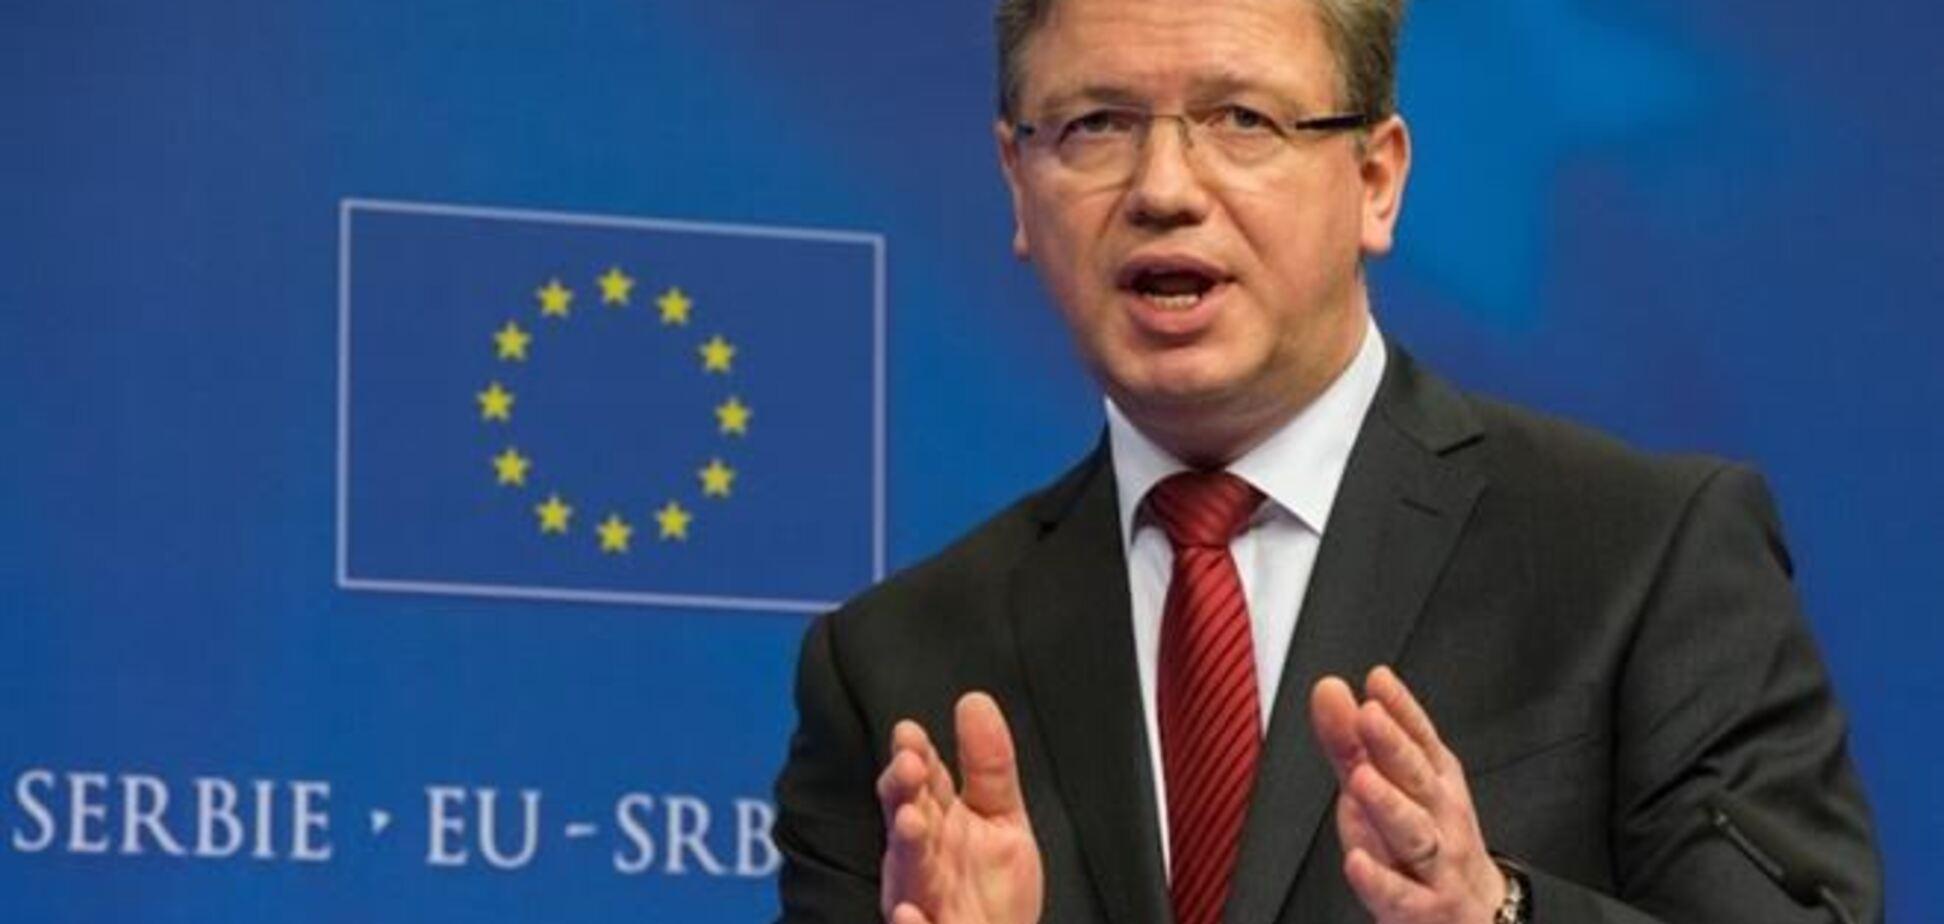 У Євросоюзі не говорять про дострокові вибори Президента в Україні - Фюле